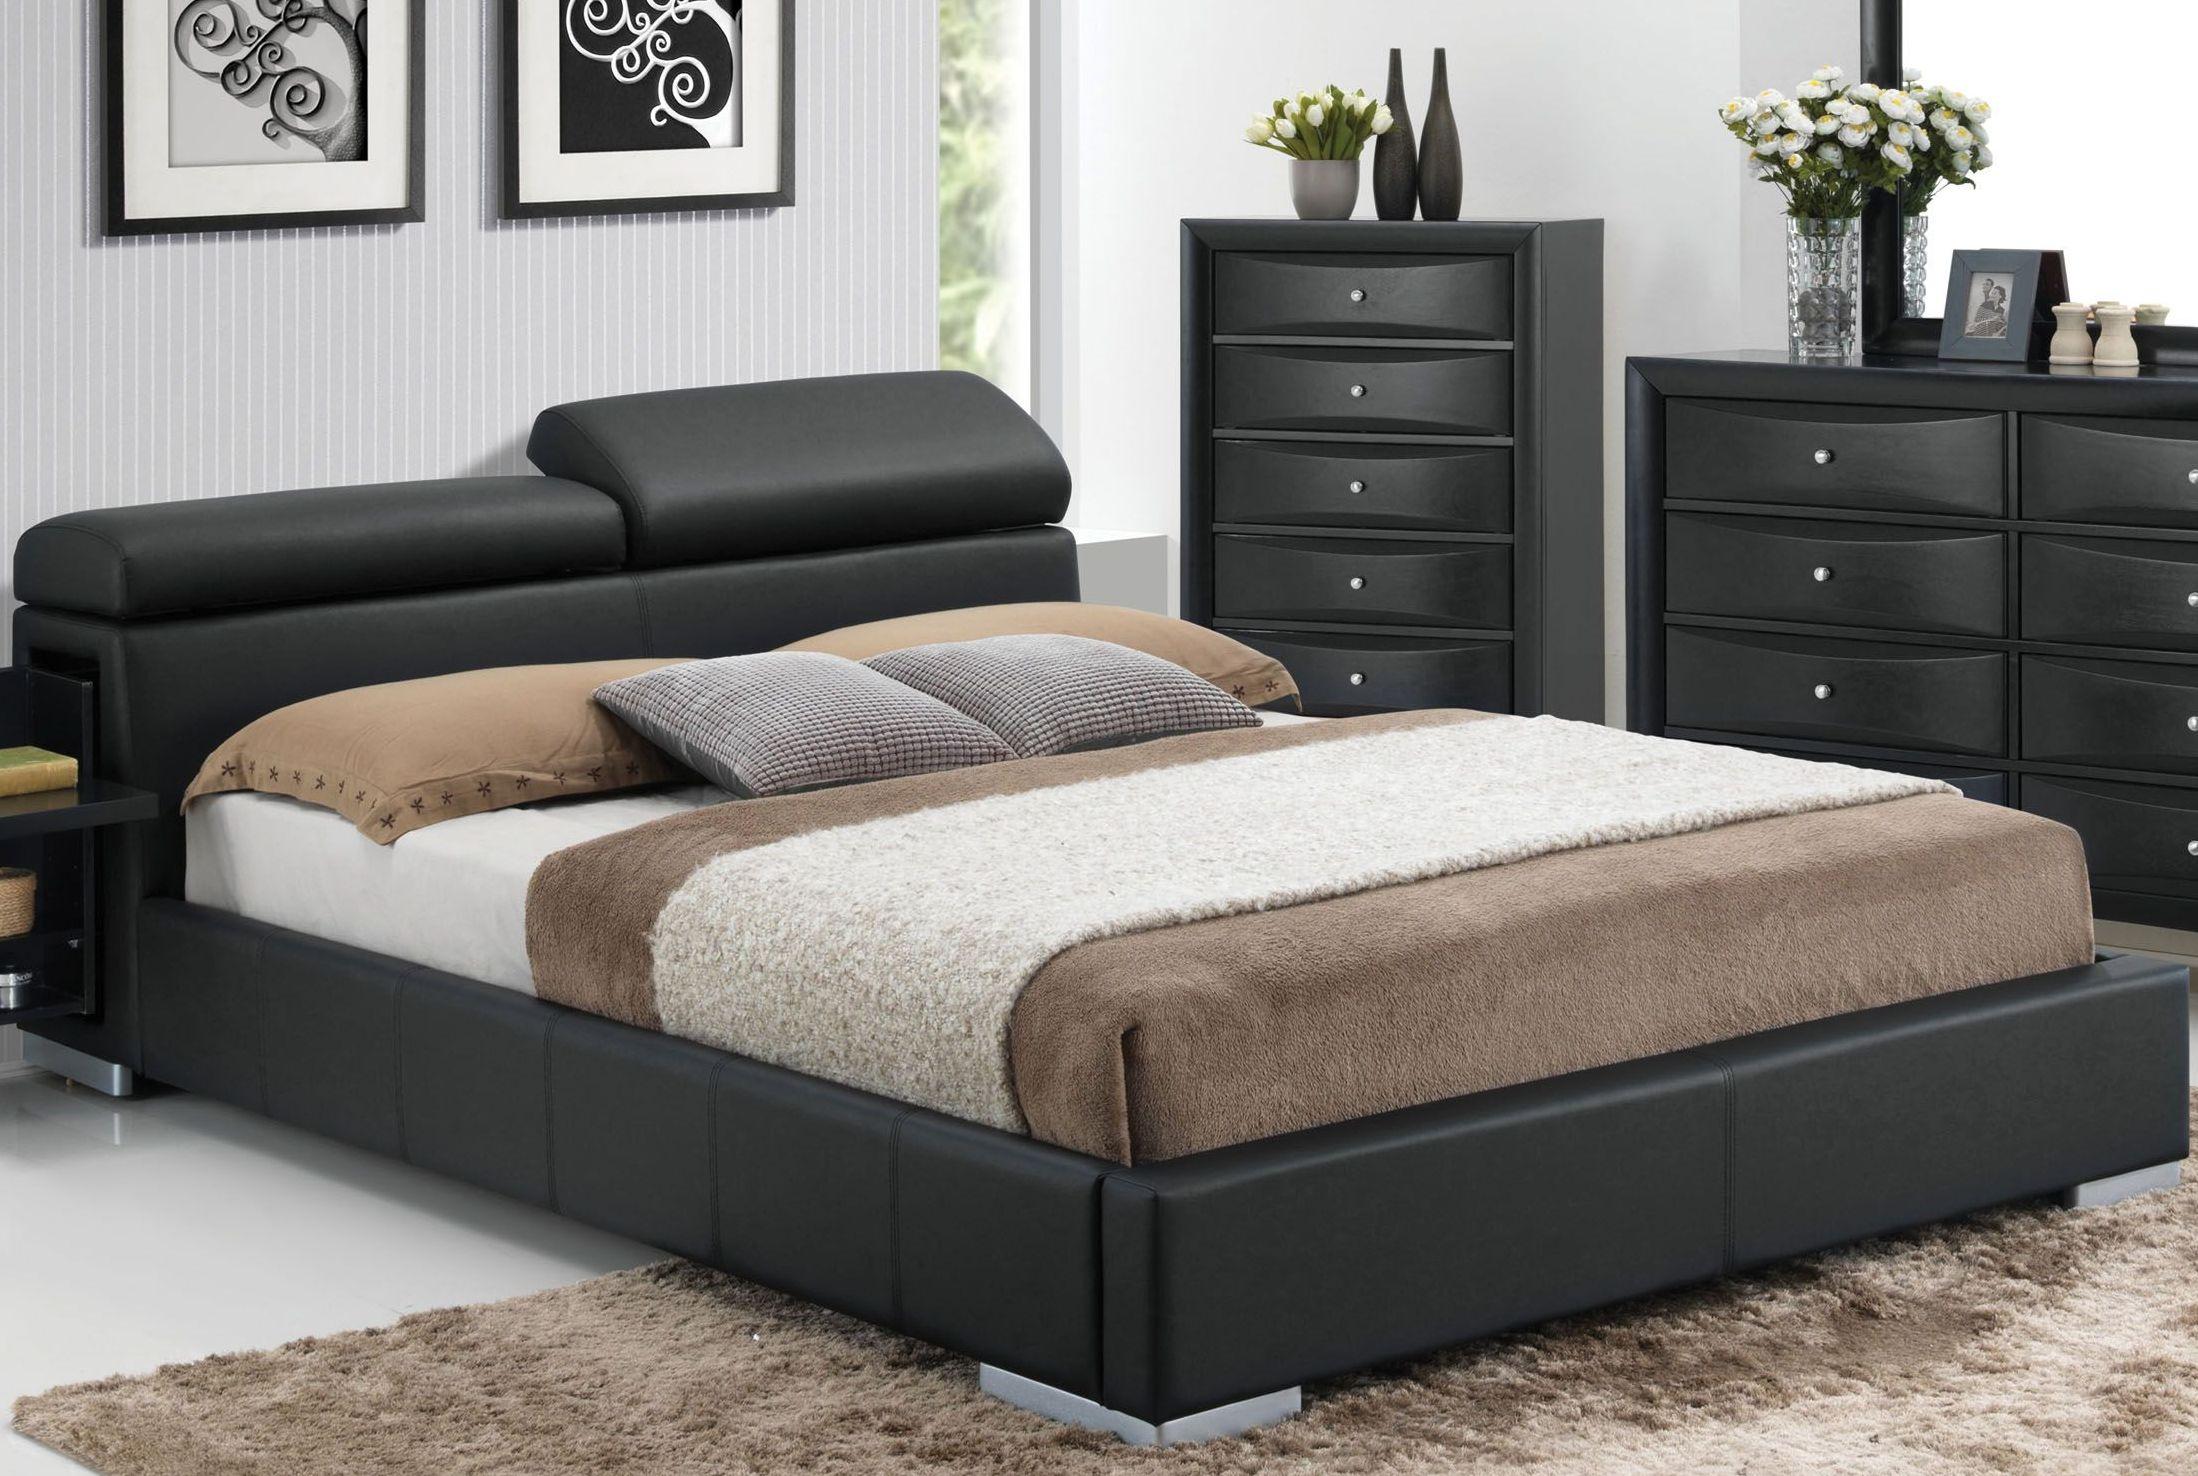 Manjot Black King Hidden Storage Platform Bed